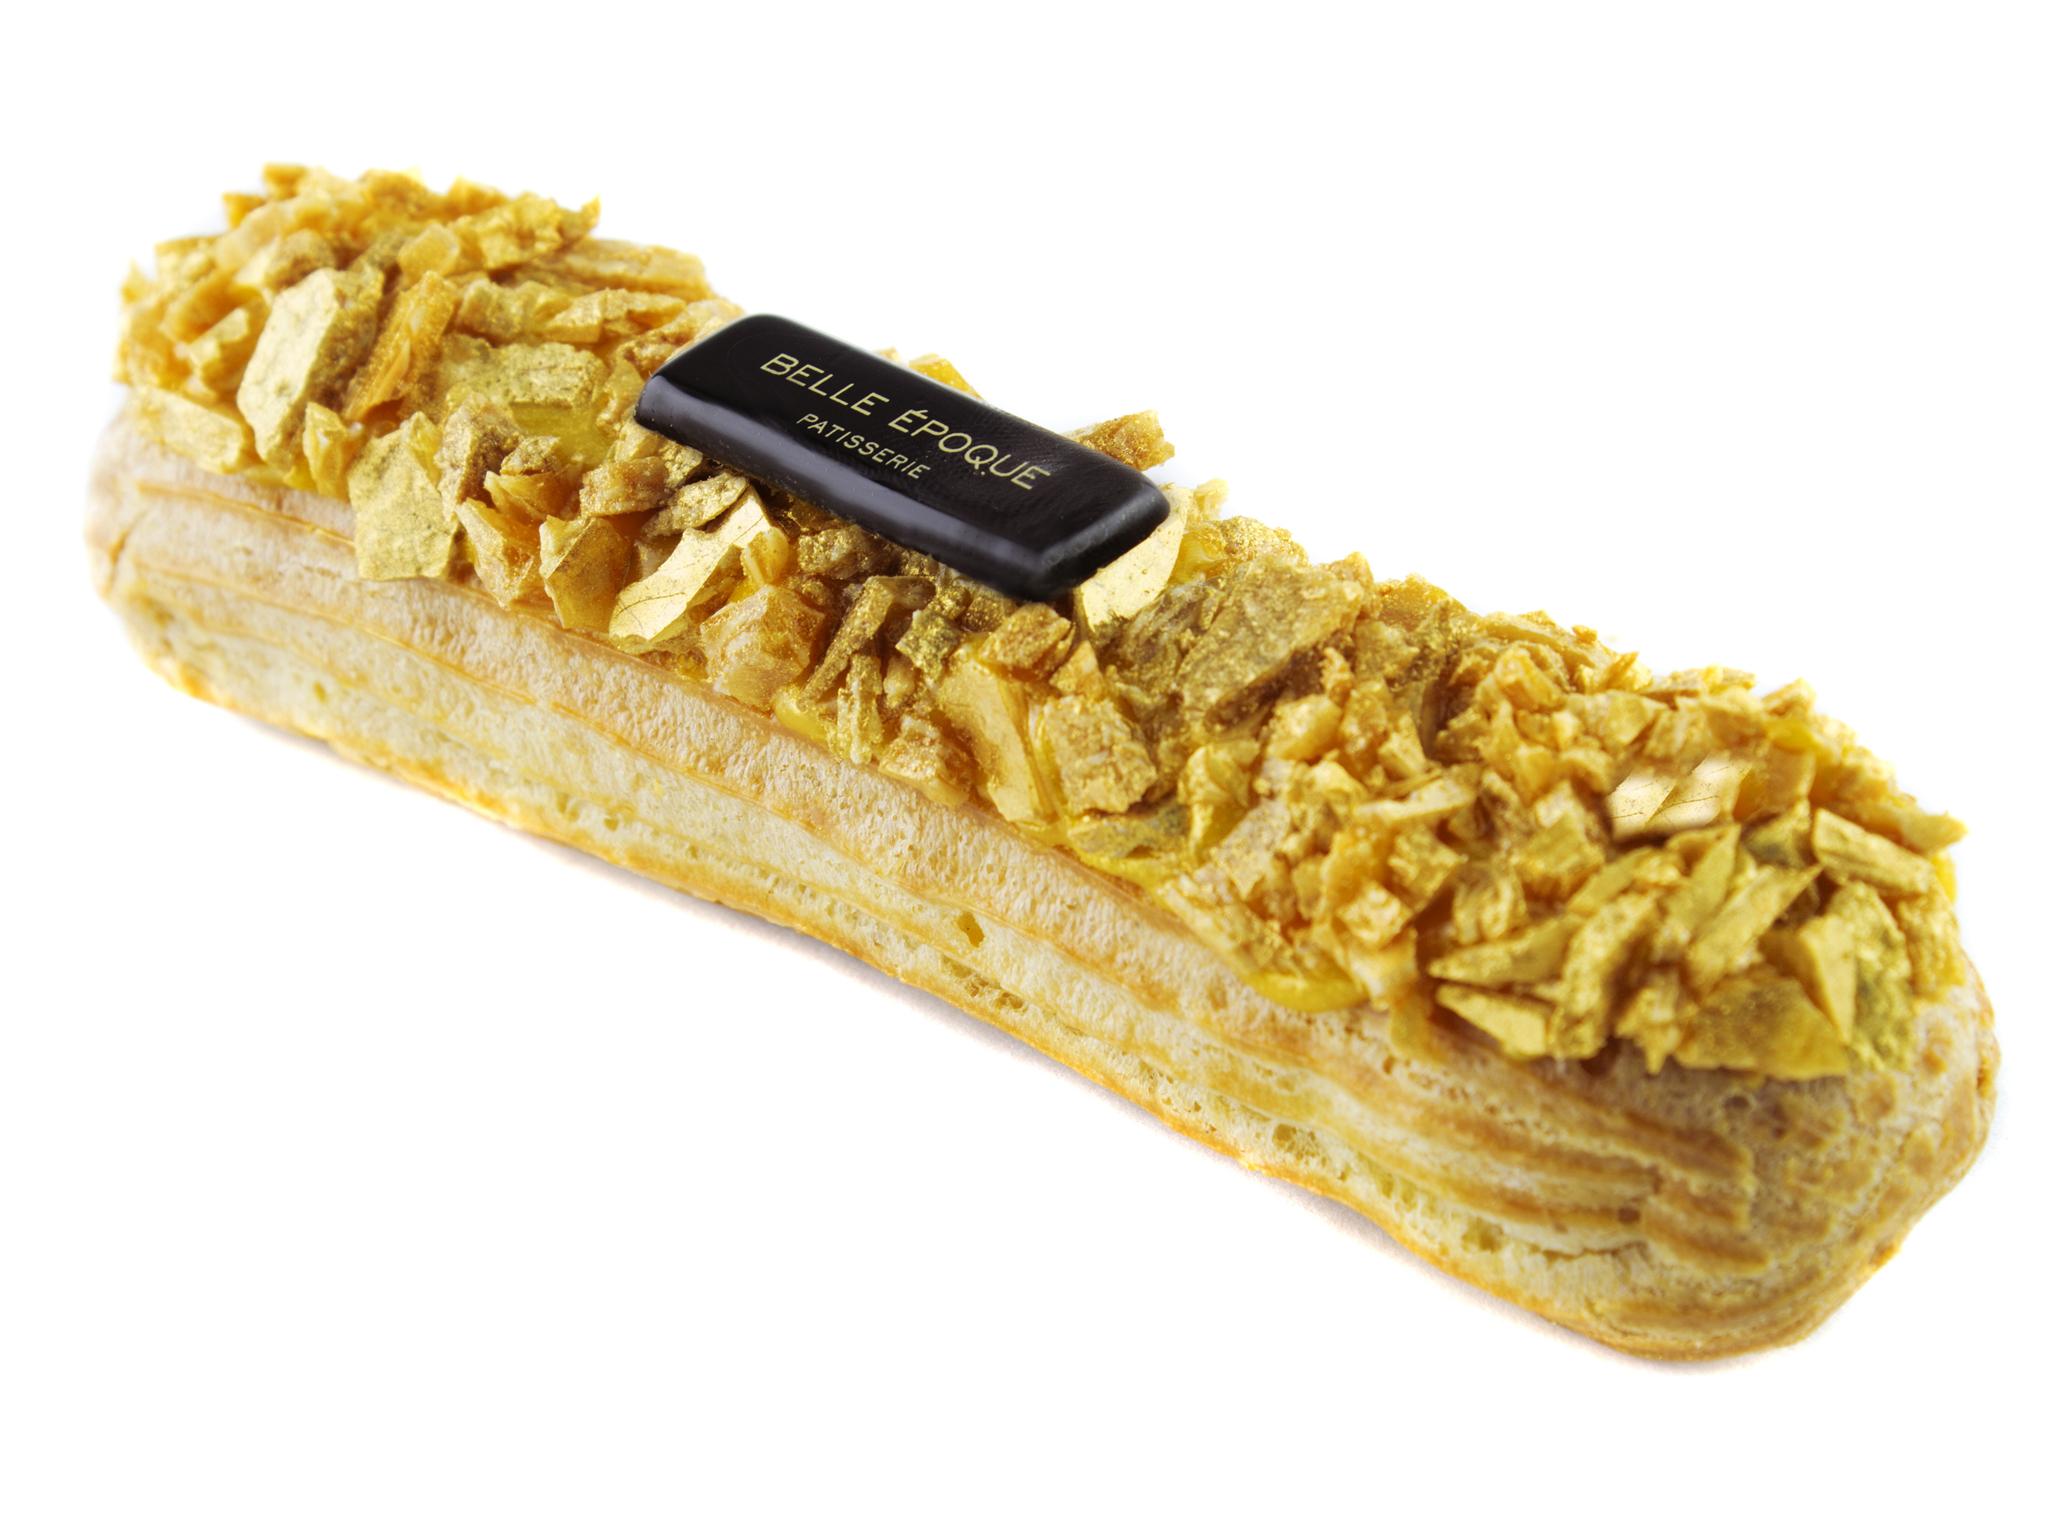 London's best choux pastries Belle Epoque